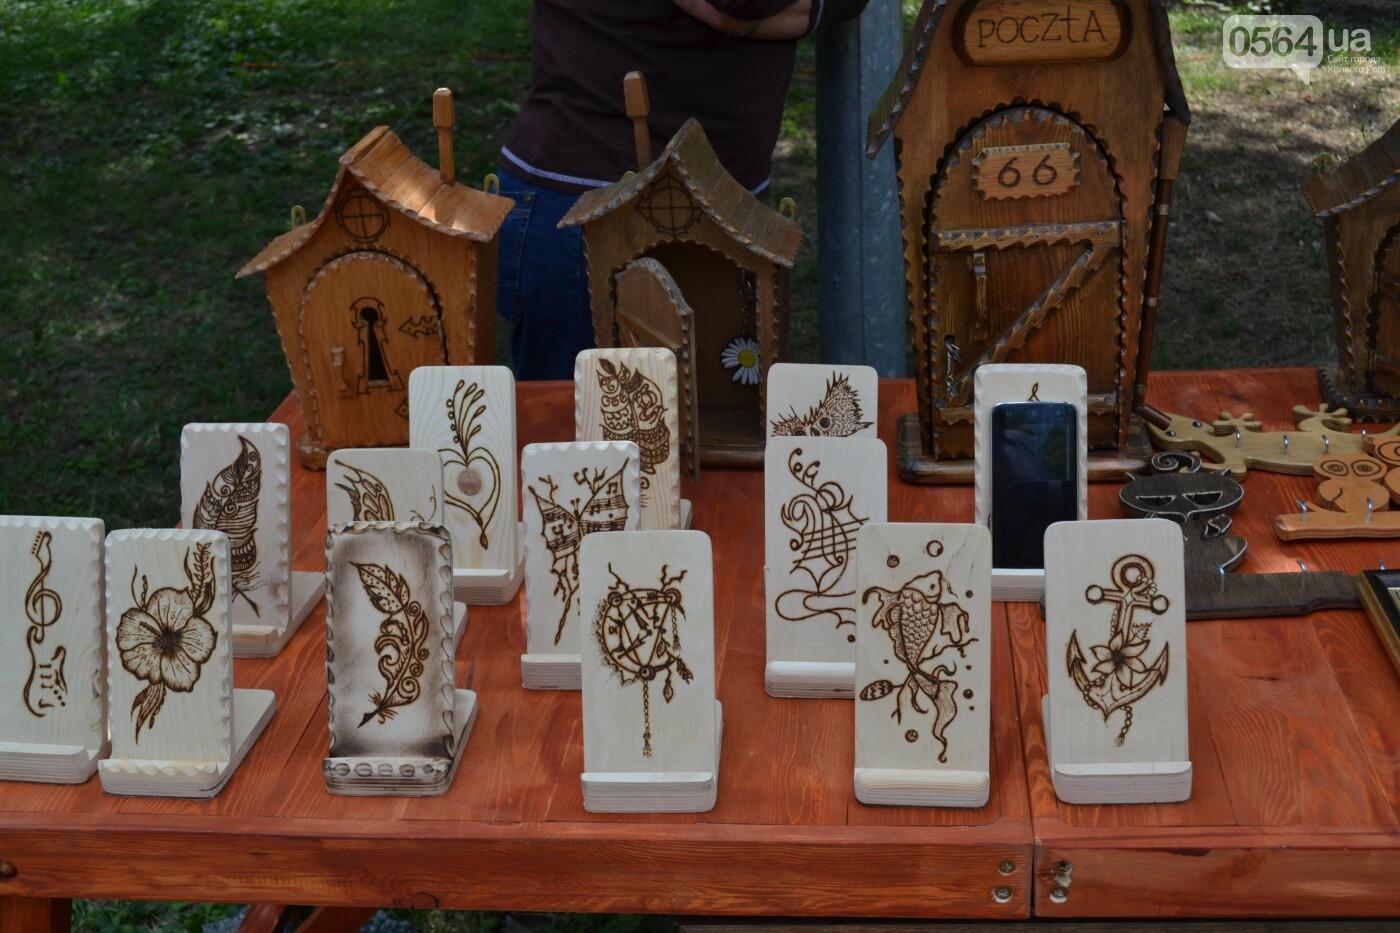 Рельефные иконы, абажуры из лозы, эко-квест и Акела: чем удивляли криворожан на Древофесте - 2021, - ФОТО, ВИДЕО, фото-27